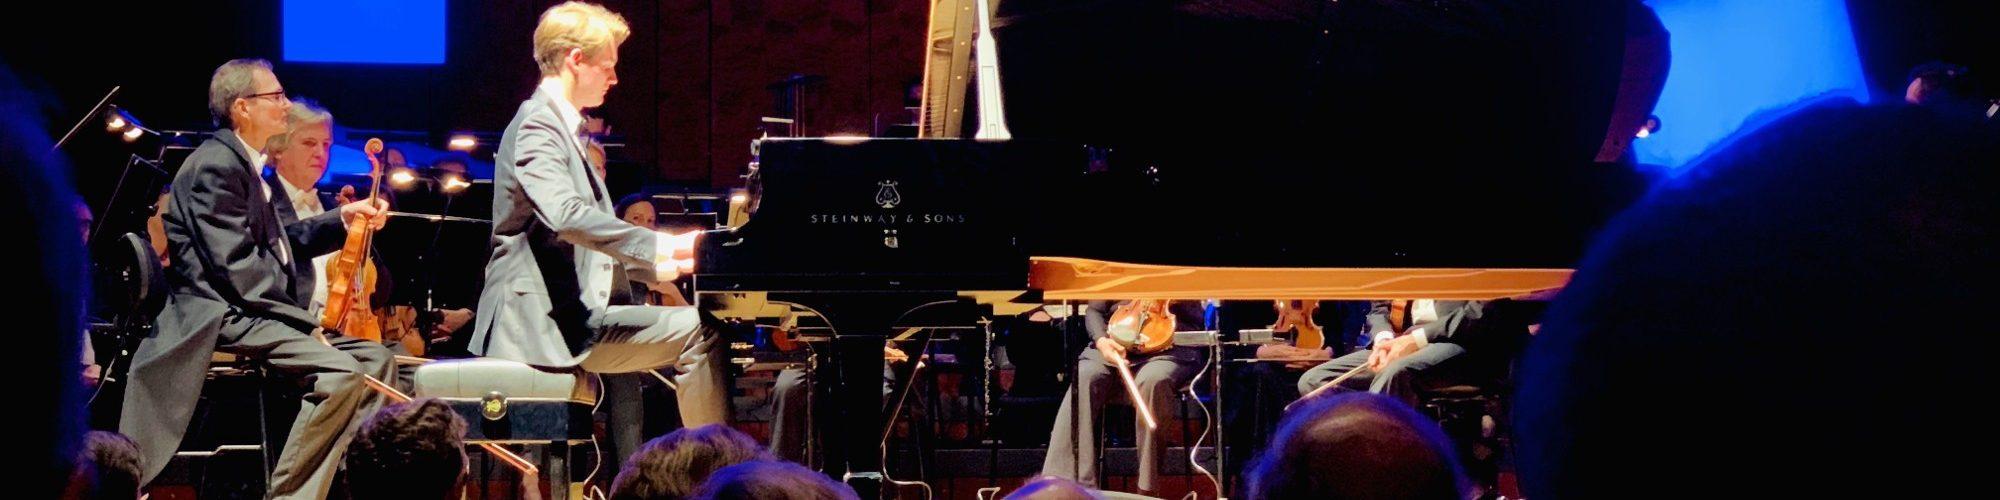 Maximilian Schairer © KKL Liederhalle ● Stuttgarter Philharmoniker 2019